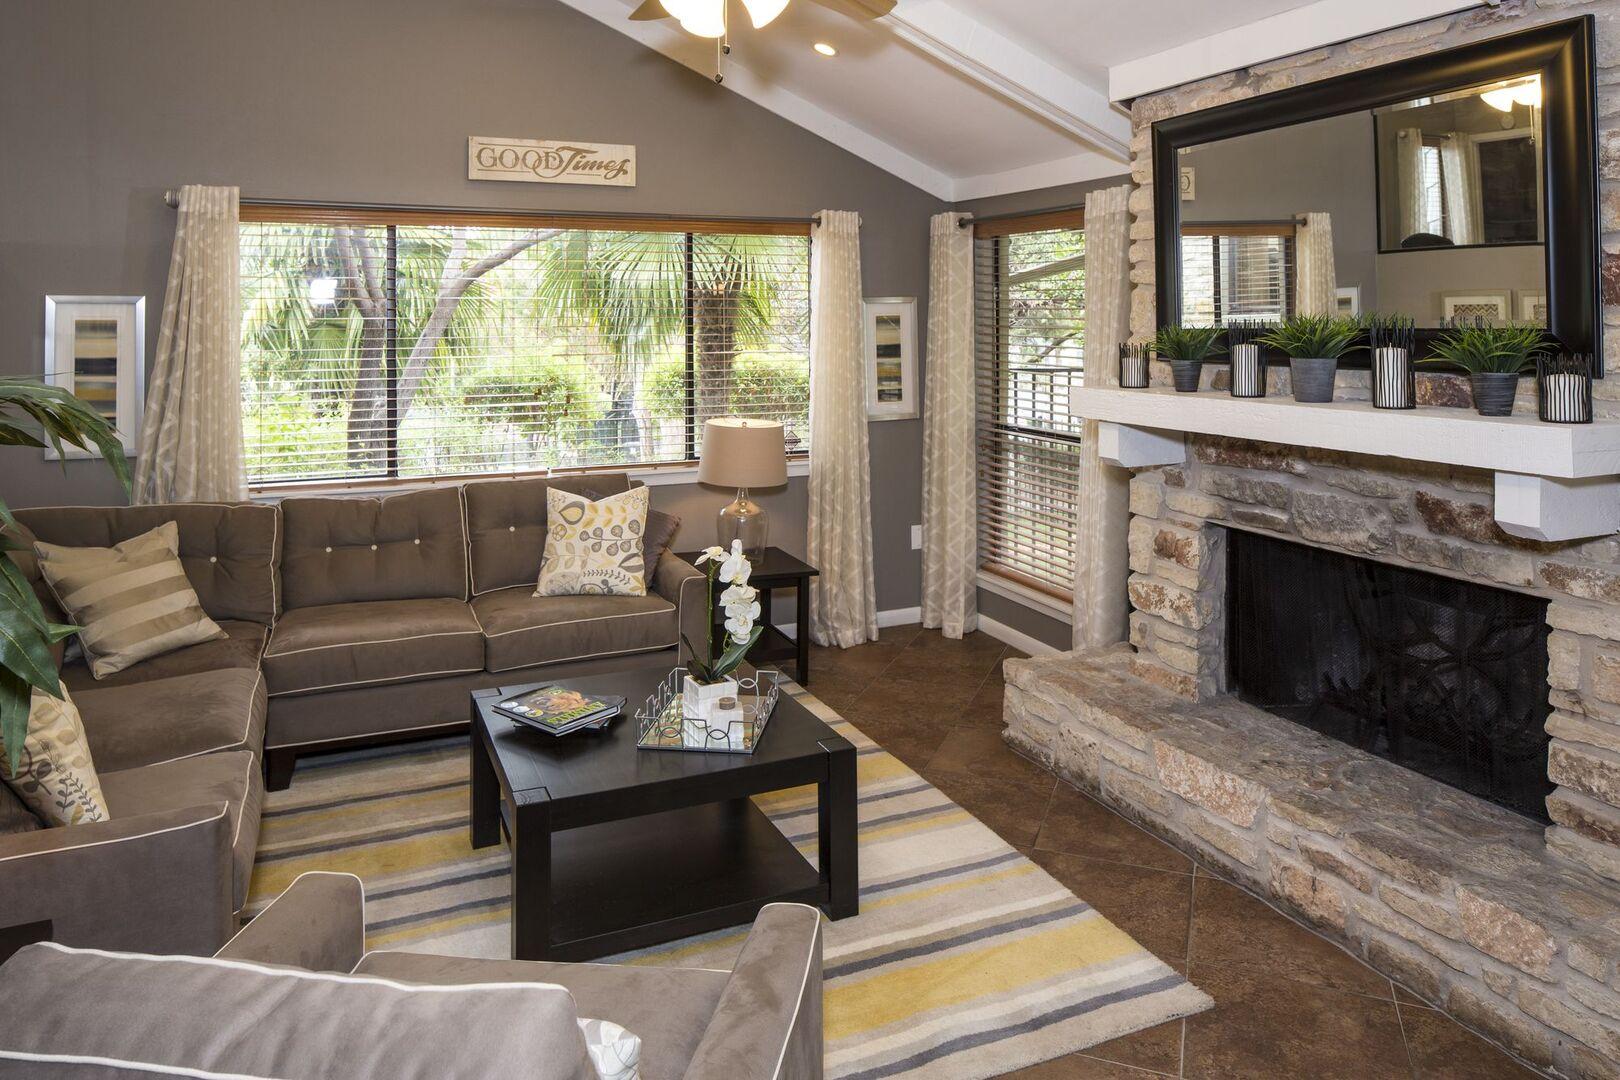 Fullsize Of Houses For Rent In Austin Tx